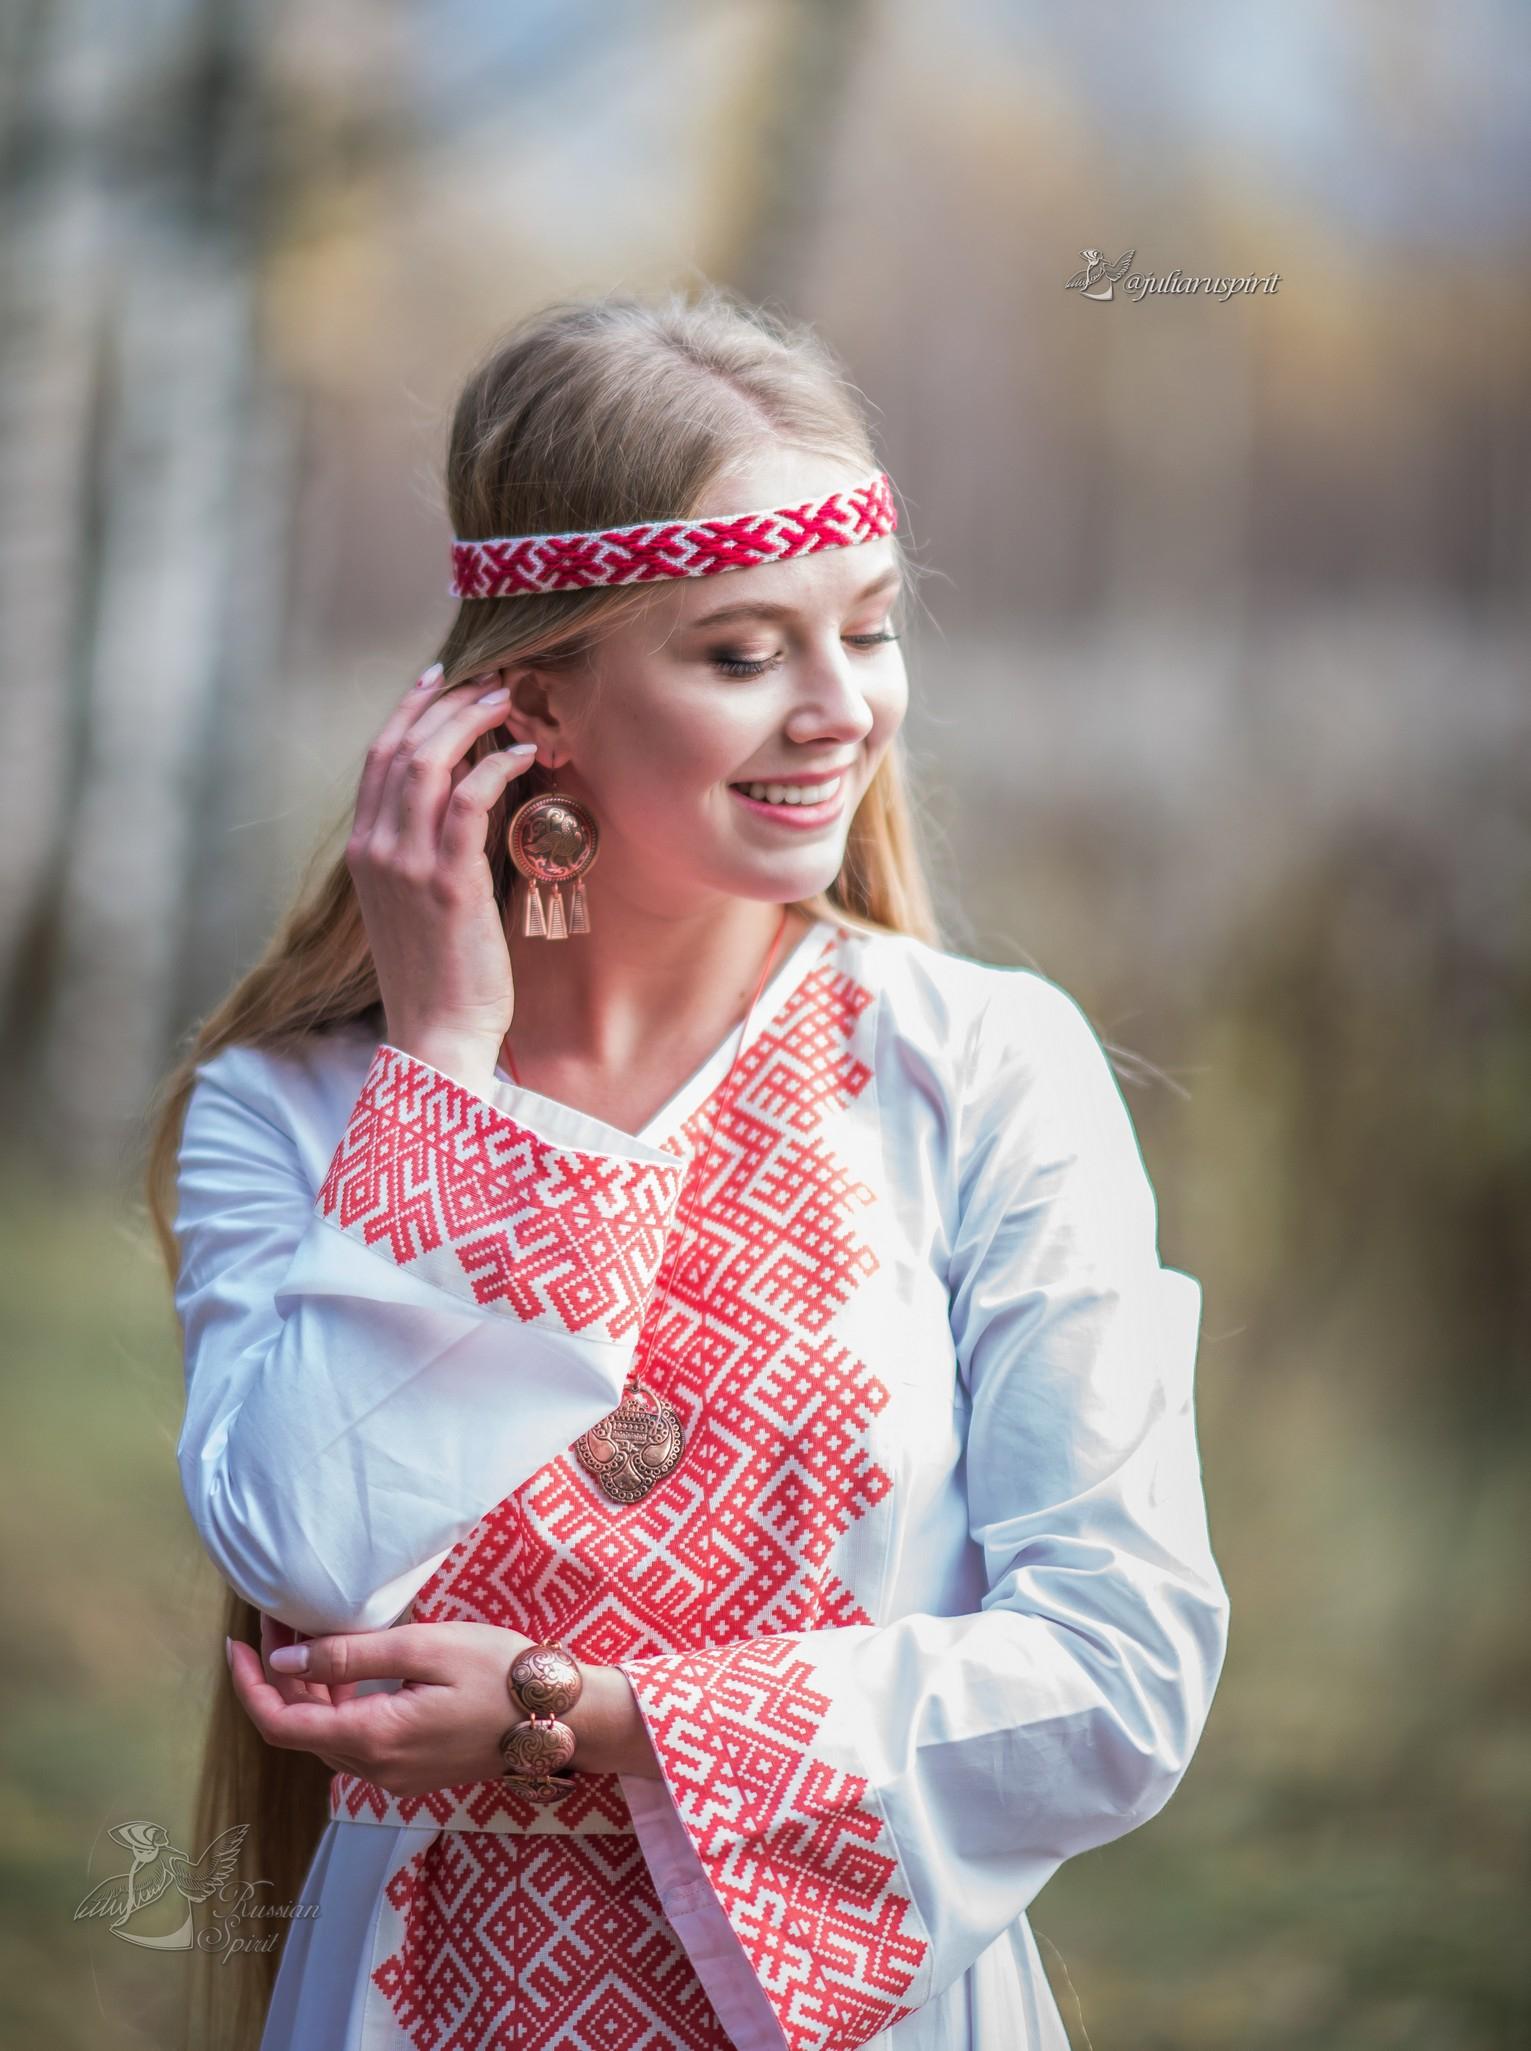 девушка в платье со славянским орнаментом